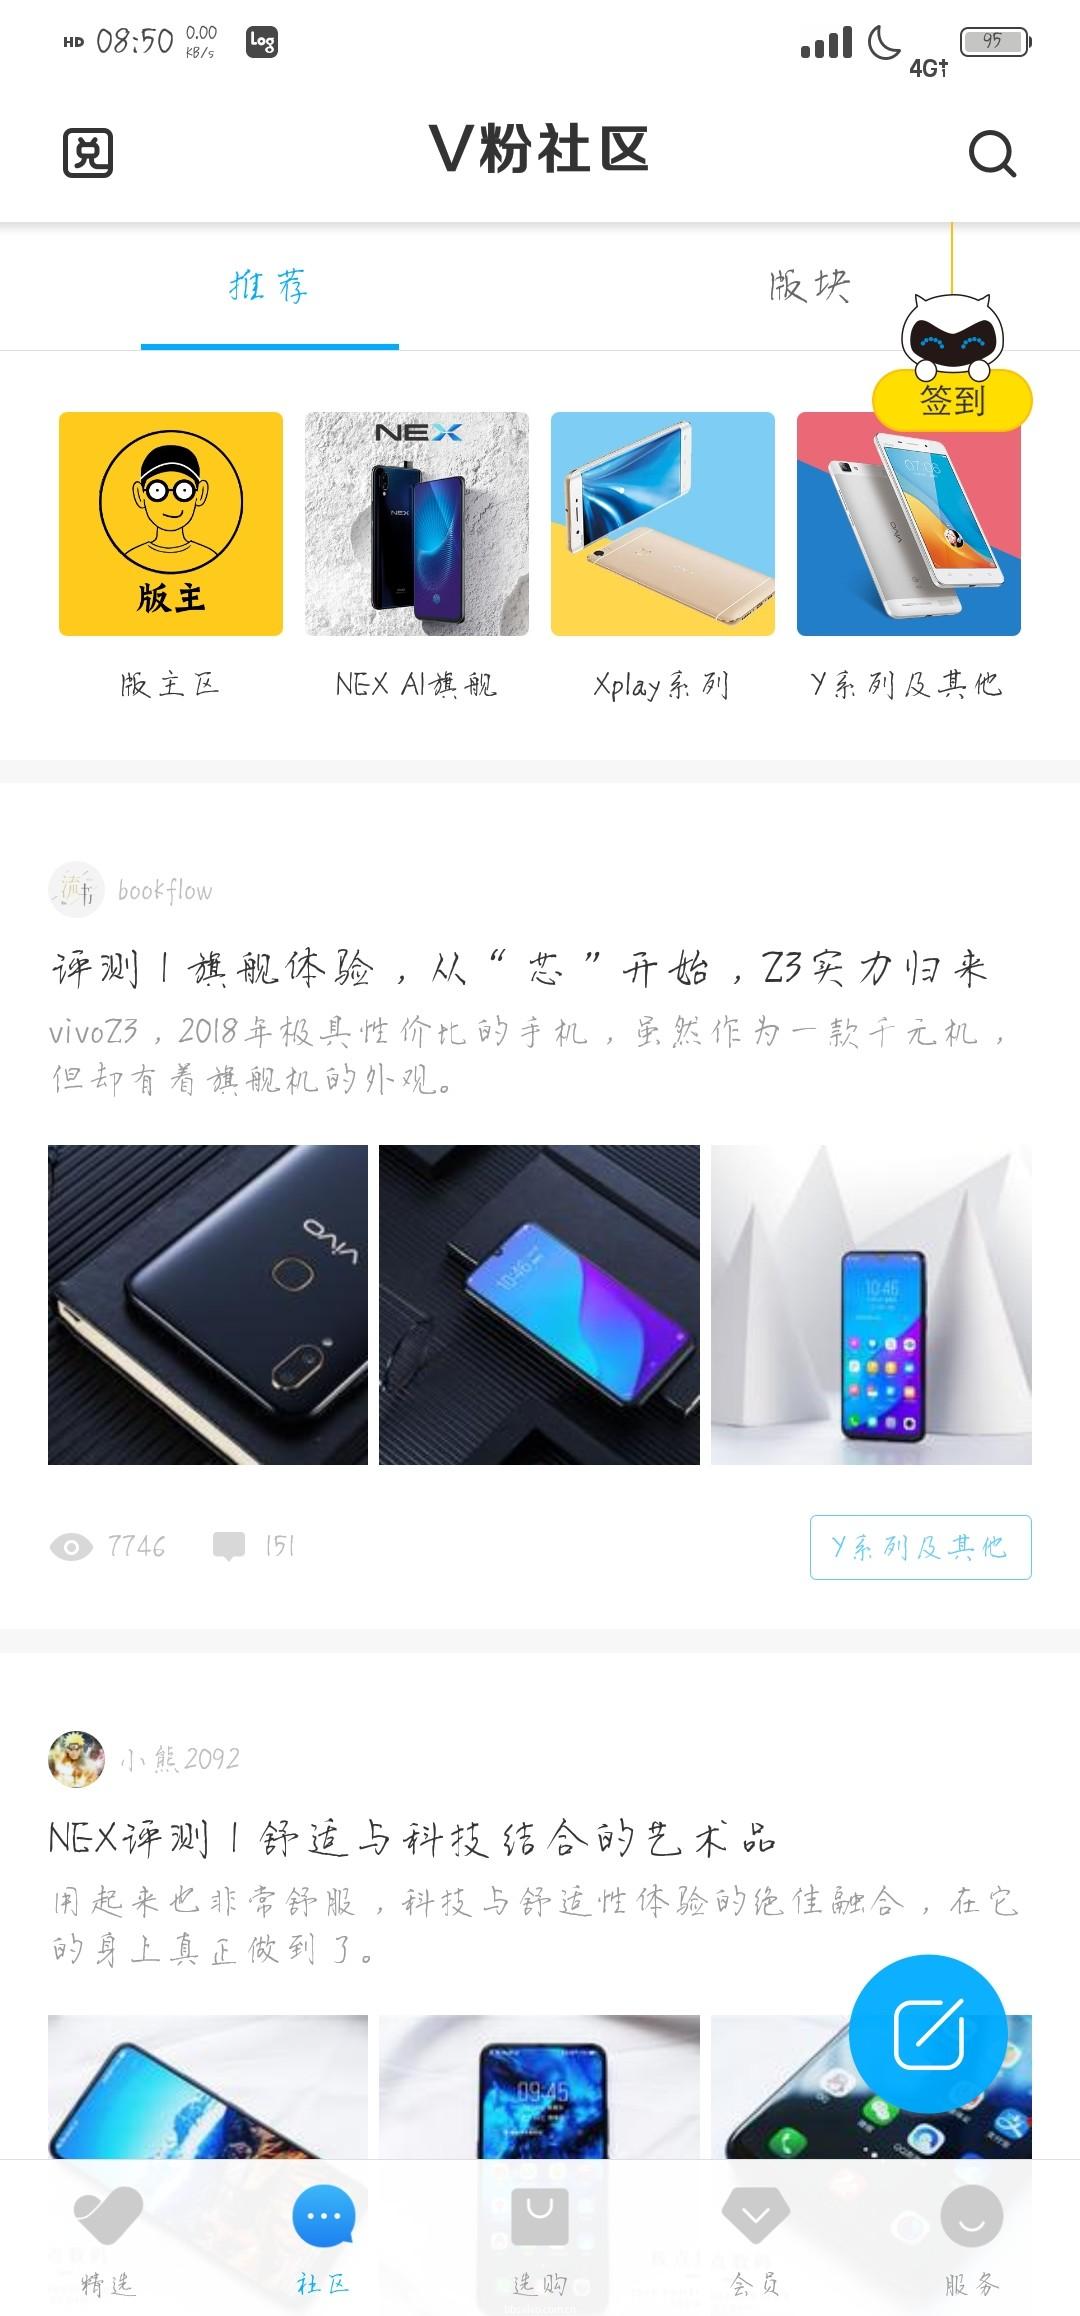 Screenshot_20181101_085009.jpg